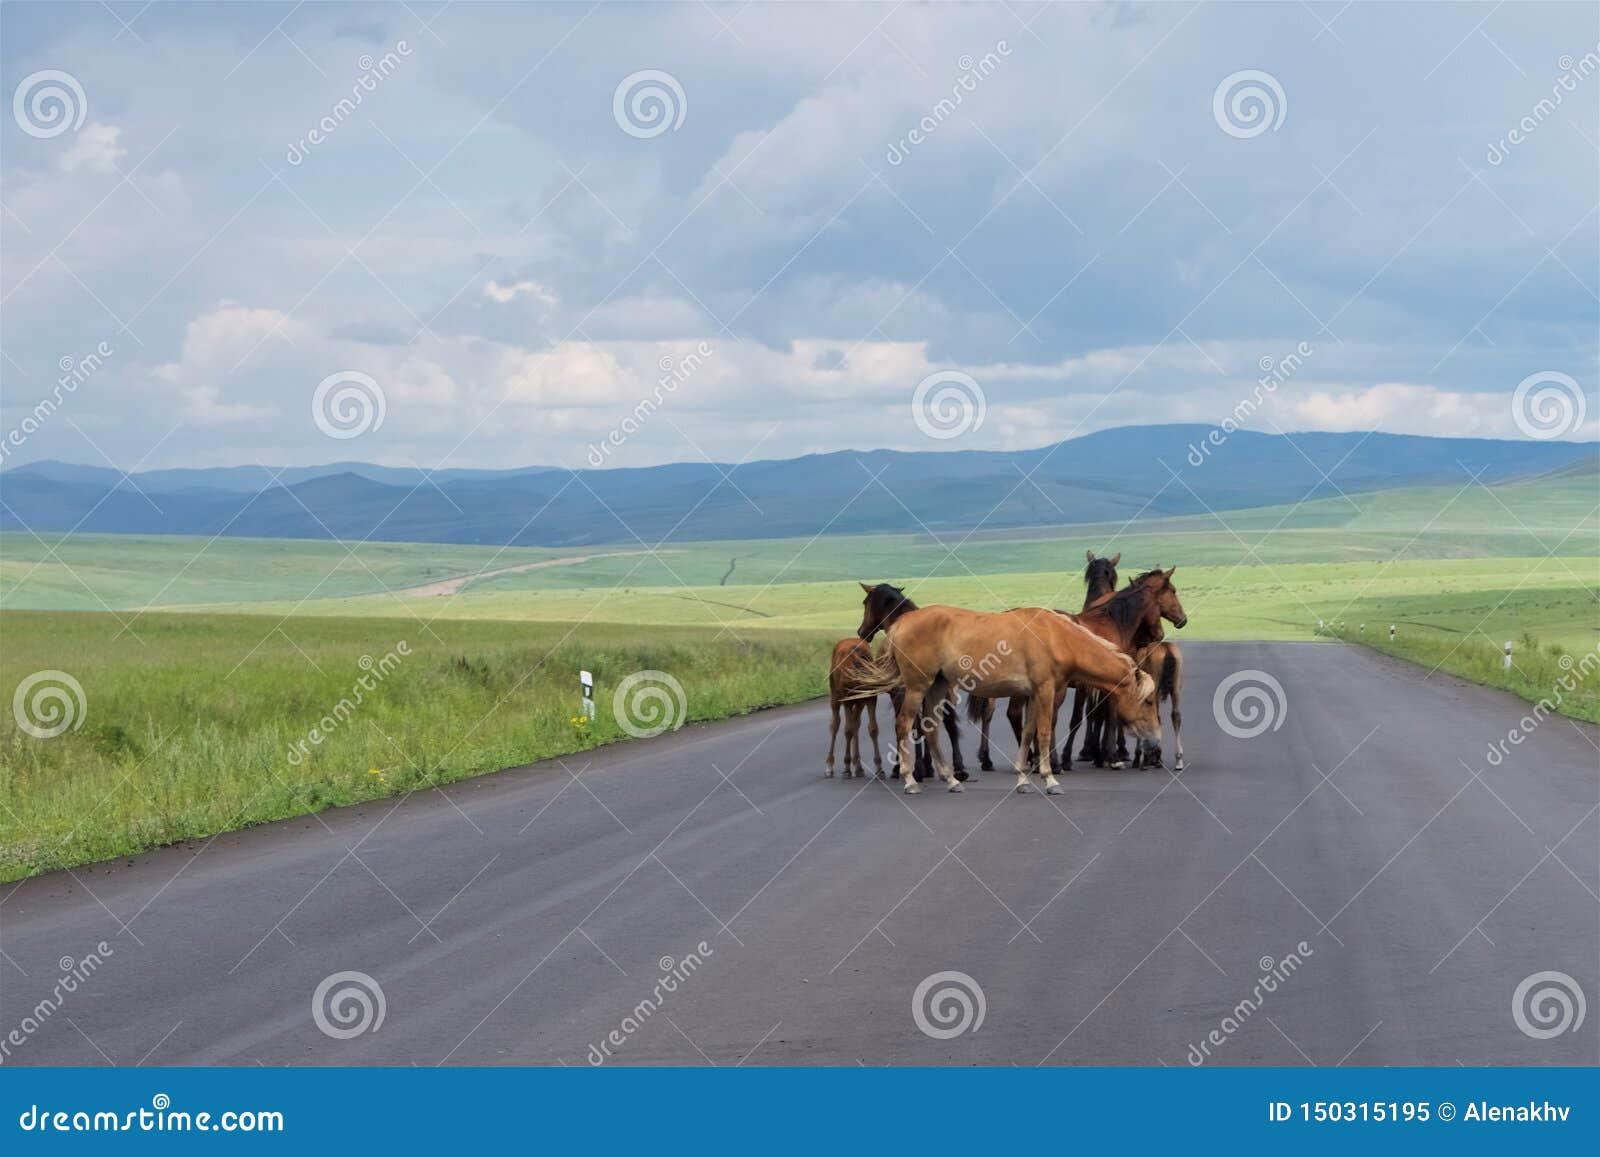 Eine Herde von Pferden steht auf einer Asphaltstraße